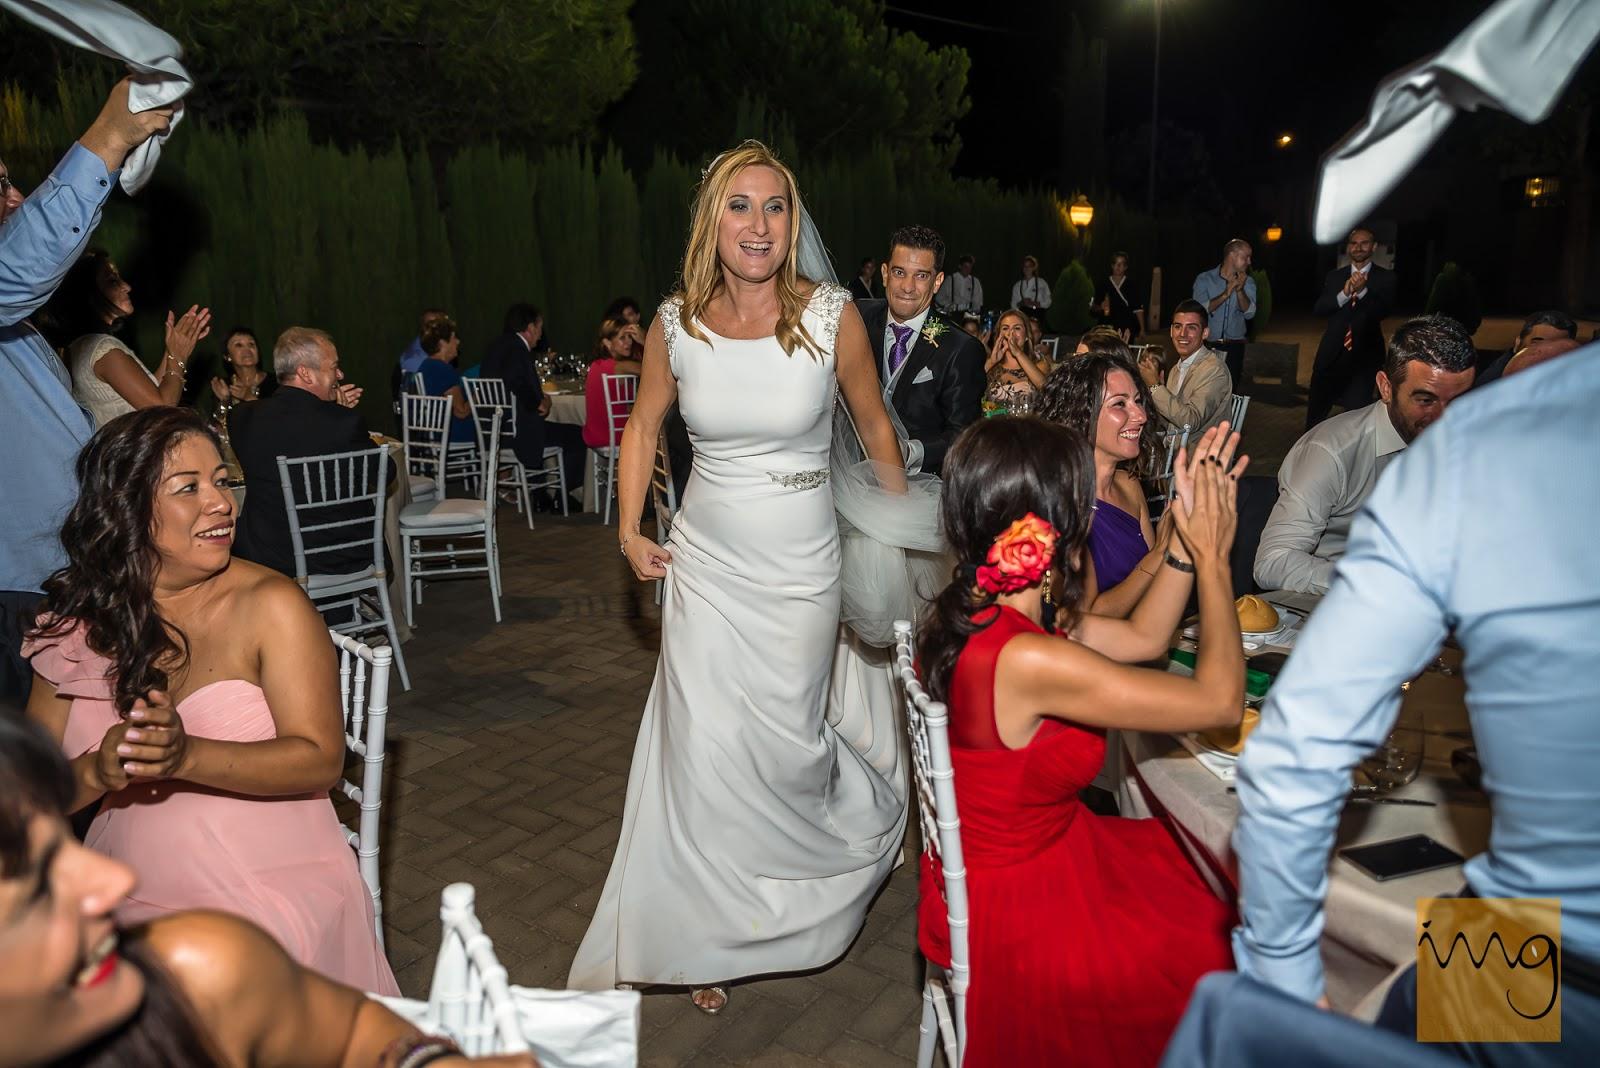 Fotografía de los novios entrado al lugar de la cena de boda